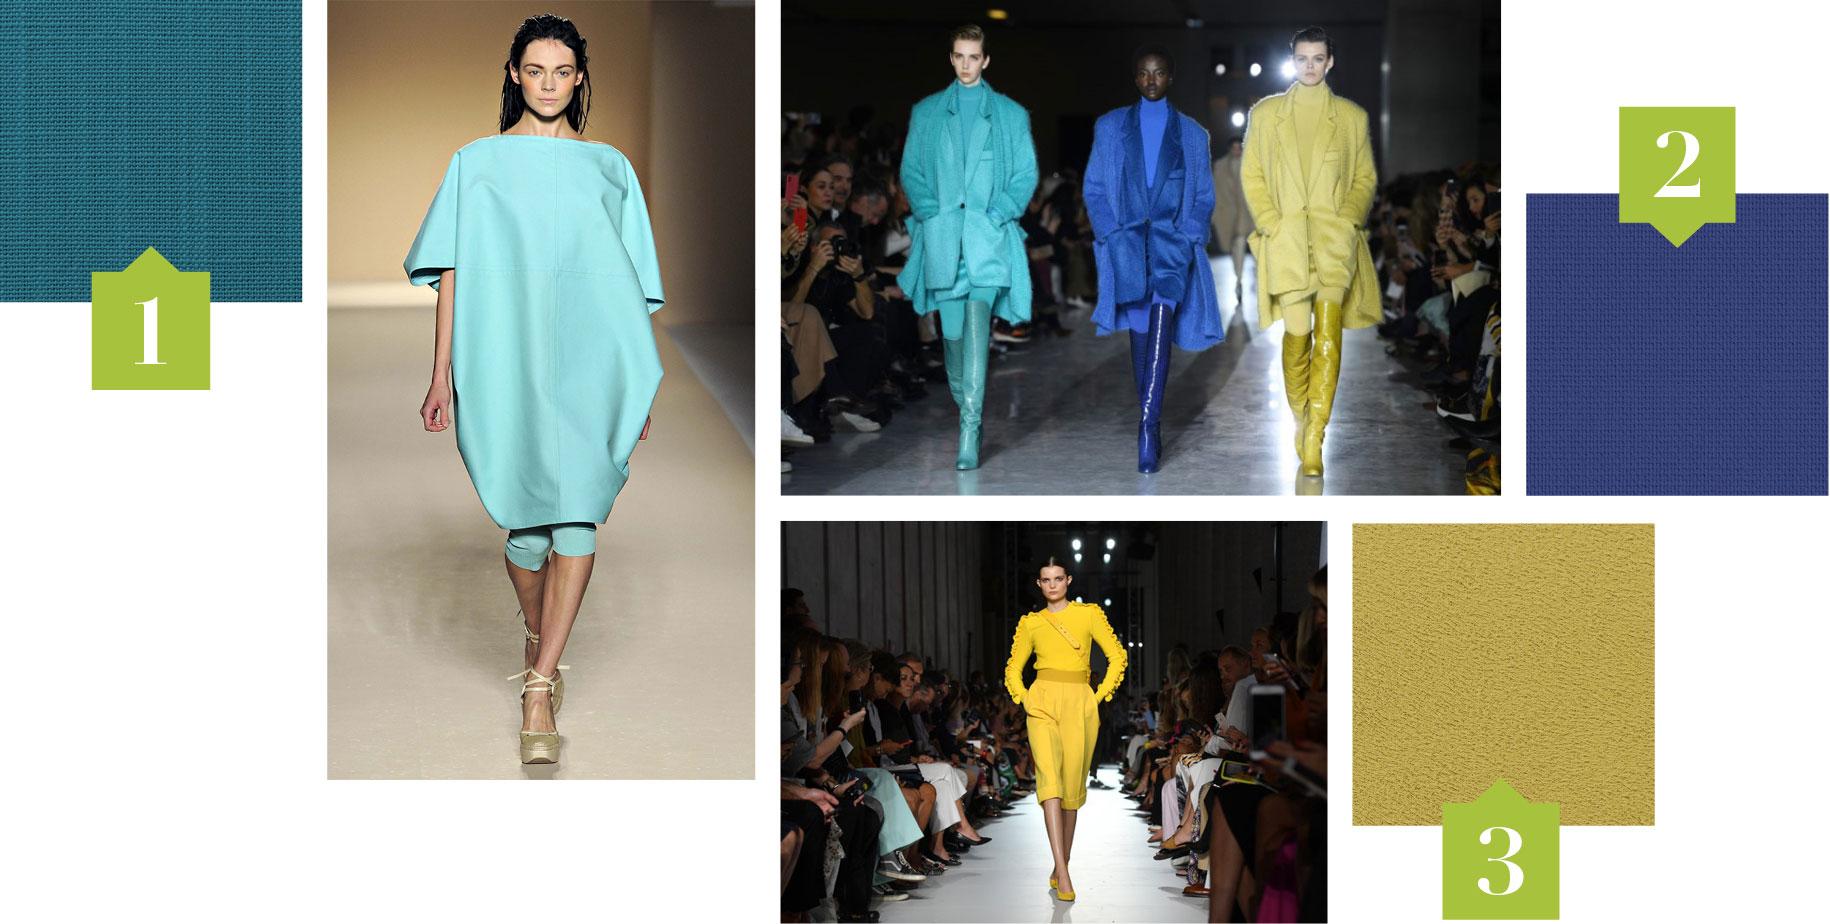 Milan Fashion Week Image